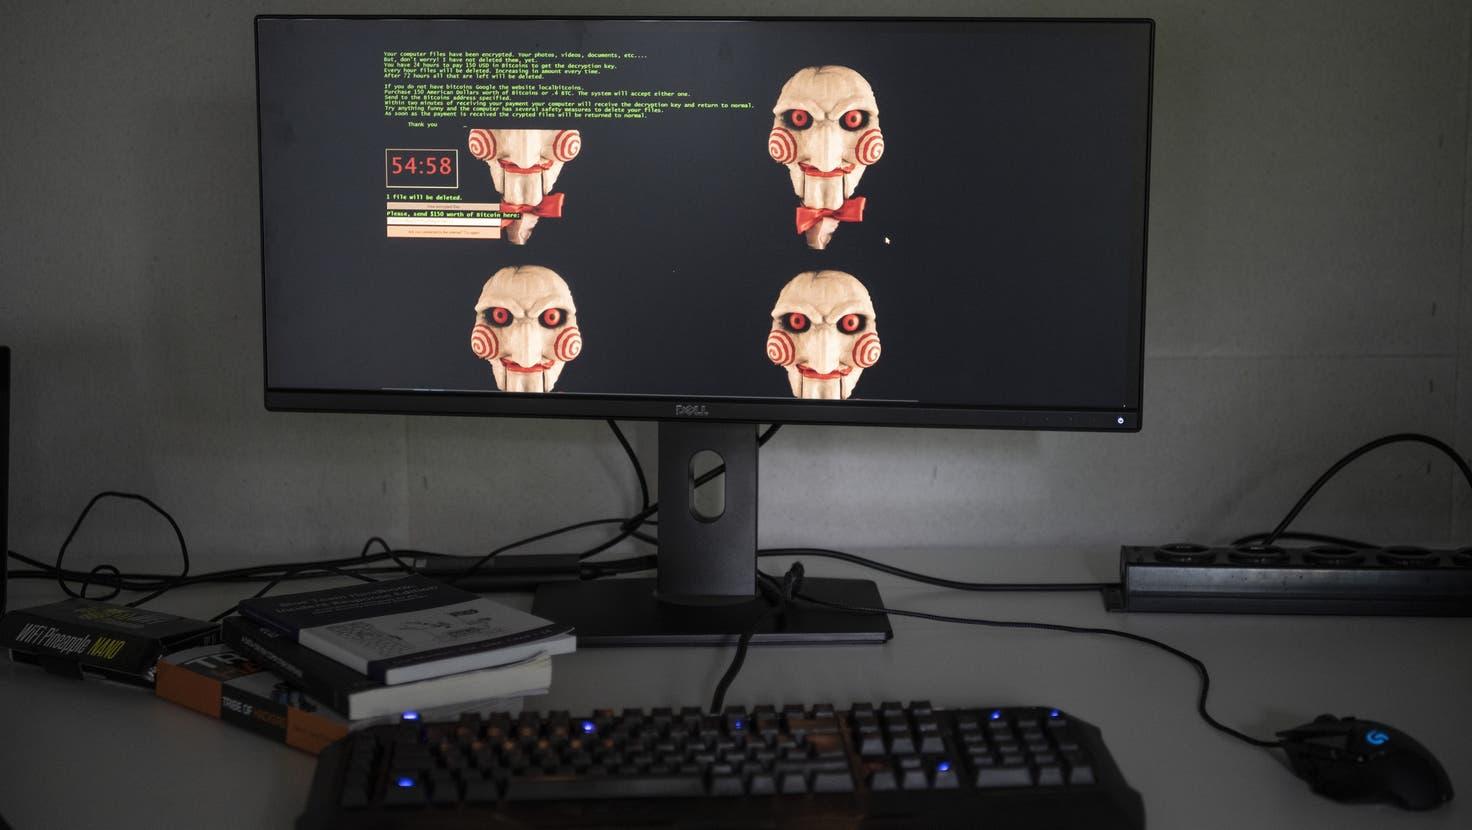 Immer häufiger verschaffen sich Kriminelle Zugriff auf private Rechner und Firmenserver. Prävention und Bekämpfung werden im Kanton Luzern bald koordiniert. (Christian Beutler/Keystone)